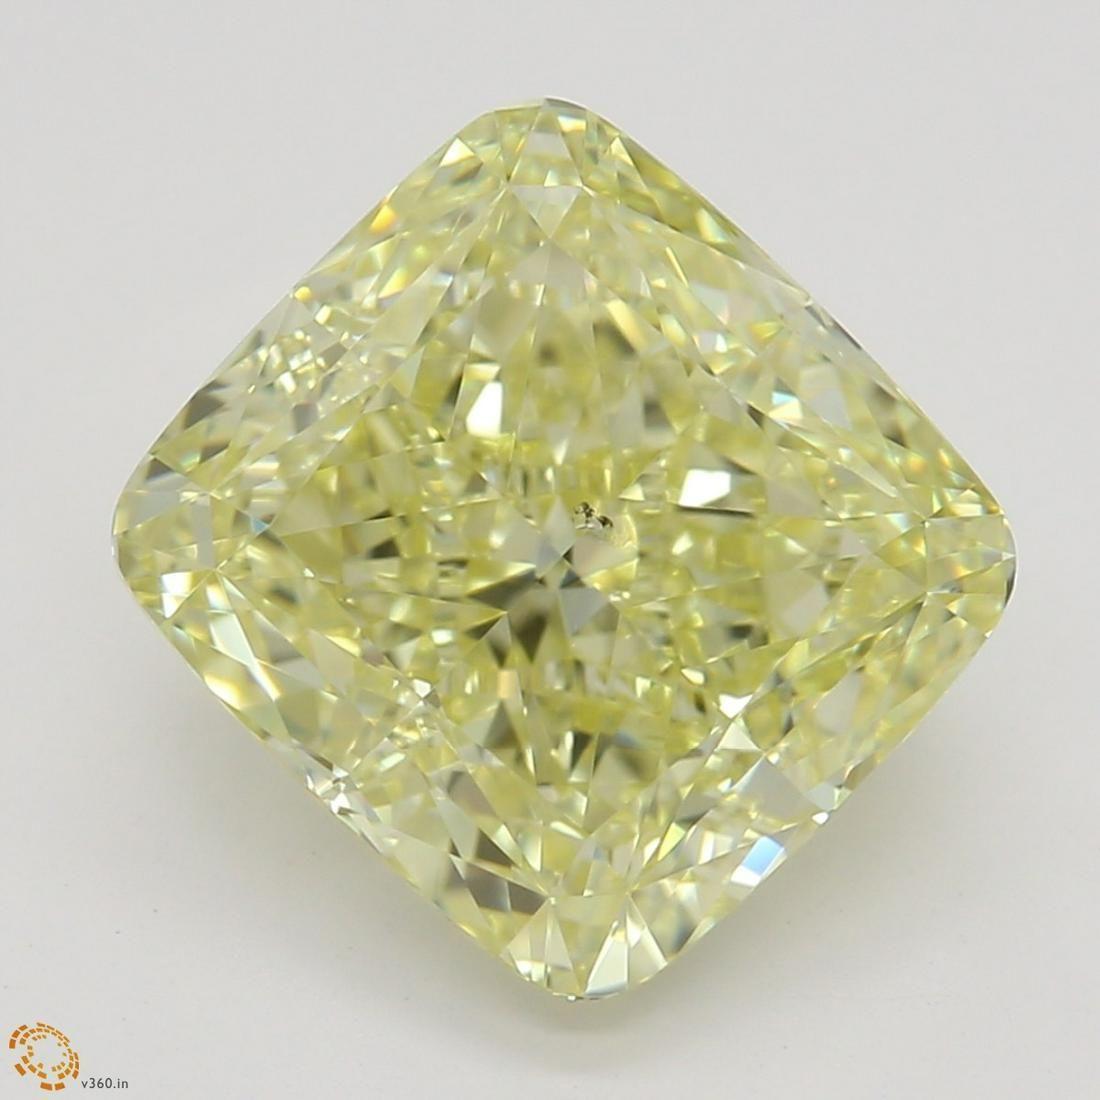 3.03 ct, Yellow/SI2, Cushion cut GIA Graded Diamond